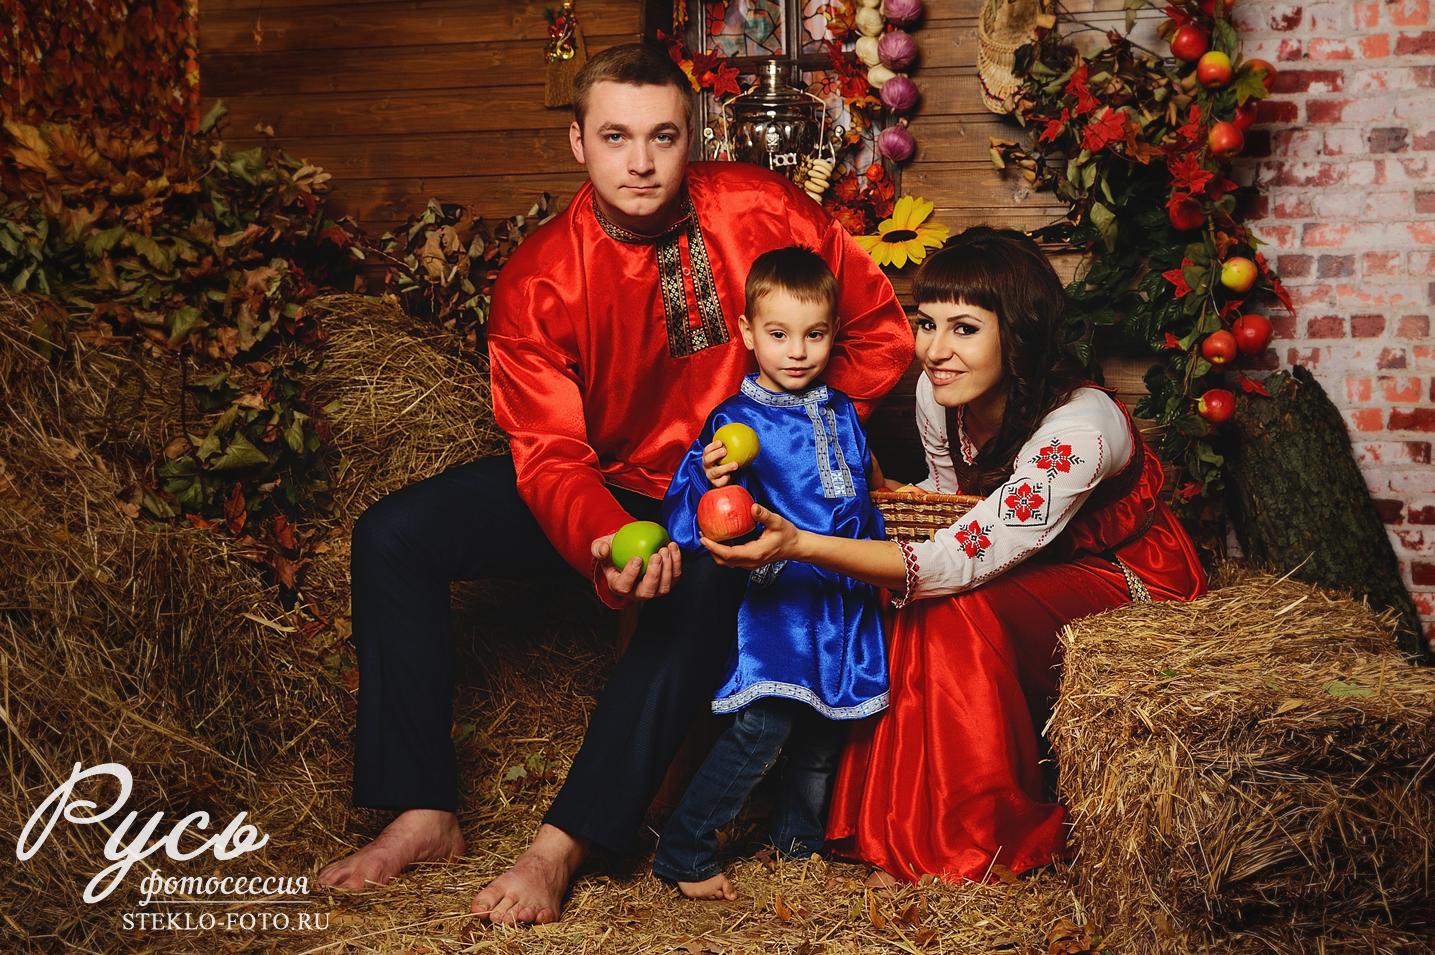 семейная фотосессия в русском стиле